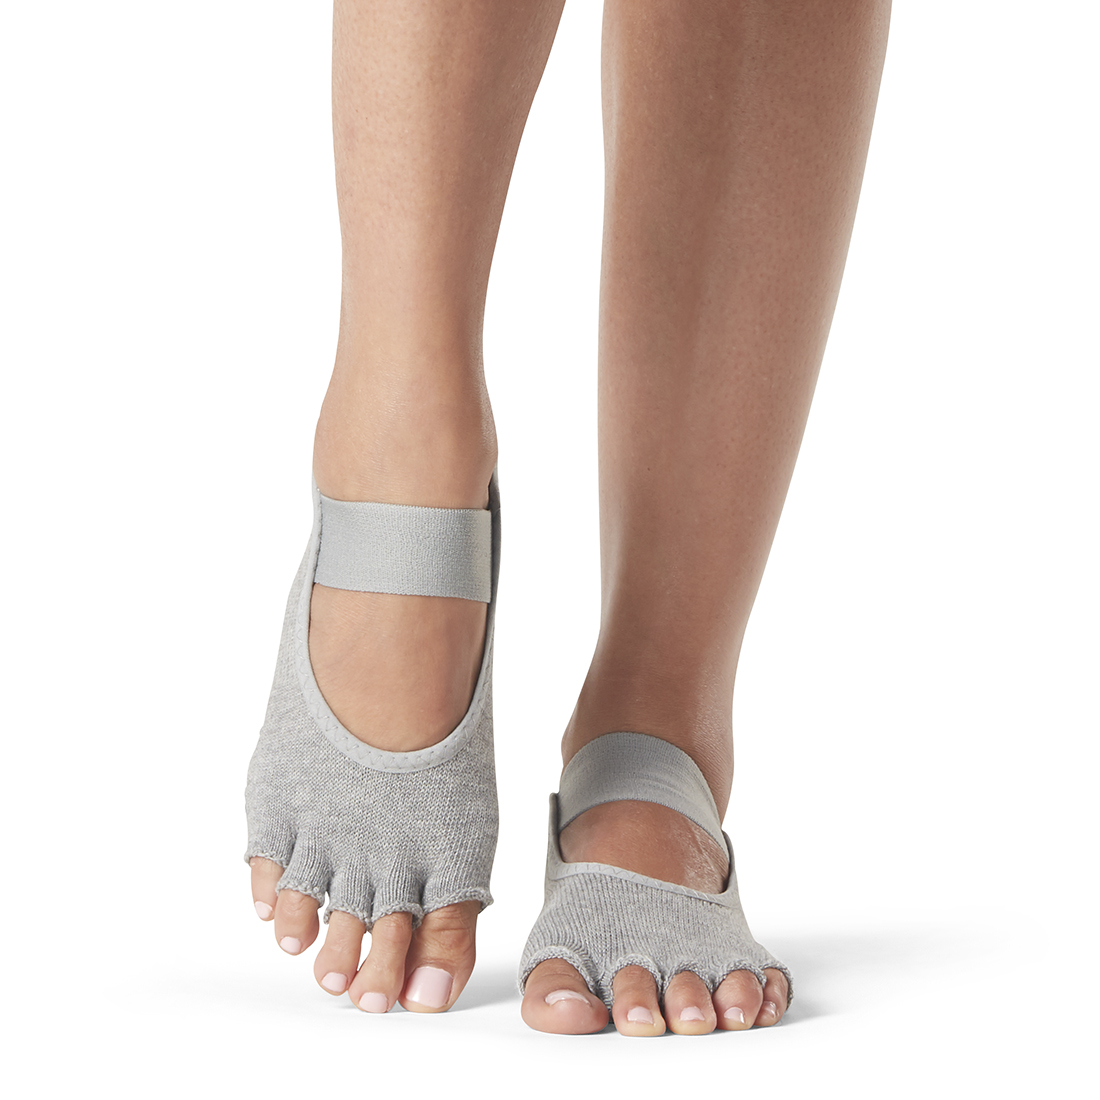 Yogasocken ToeSox Mia Half Toe Heather Grey - 1